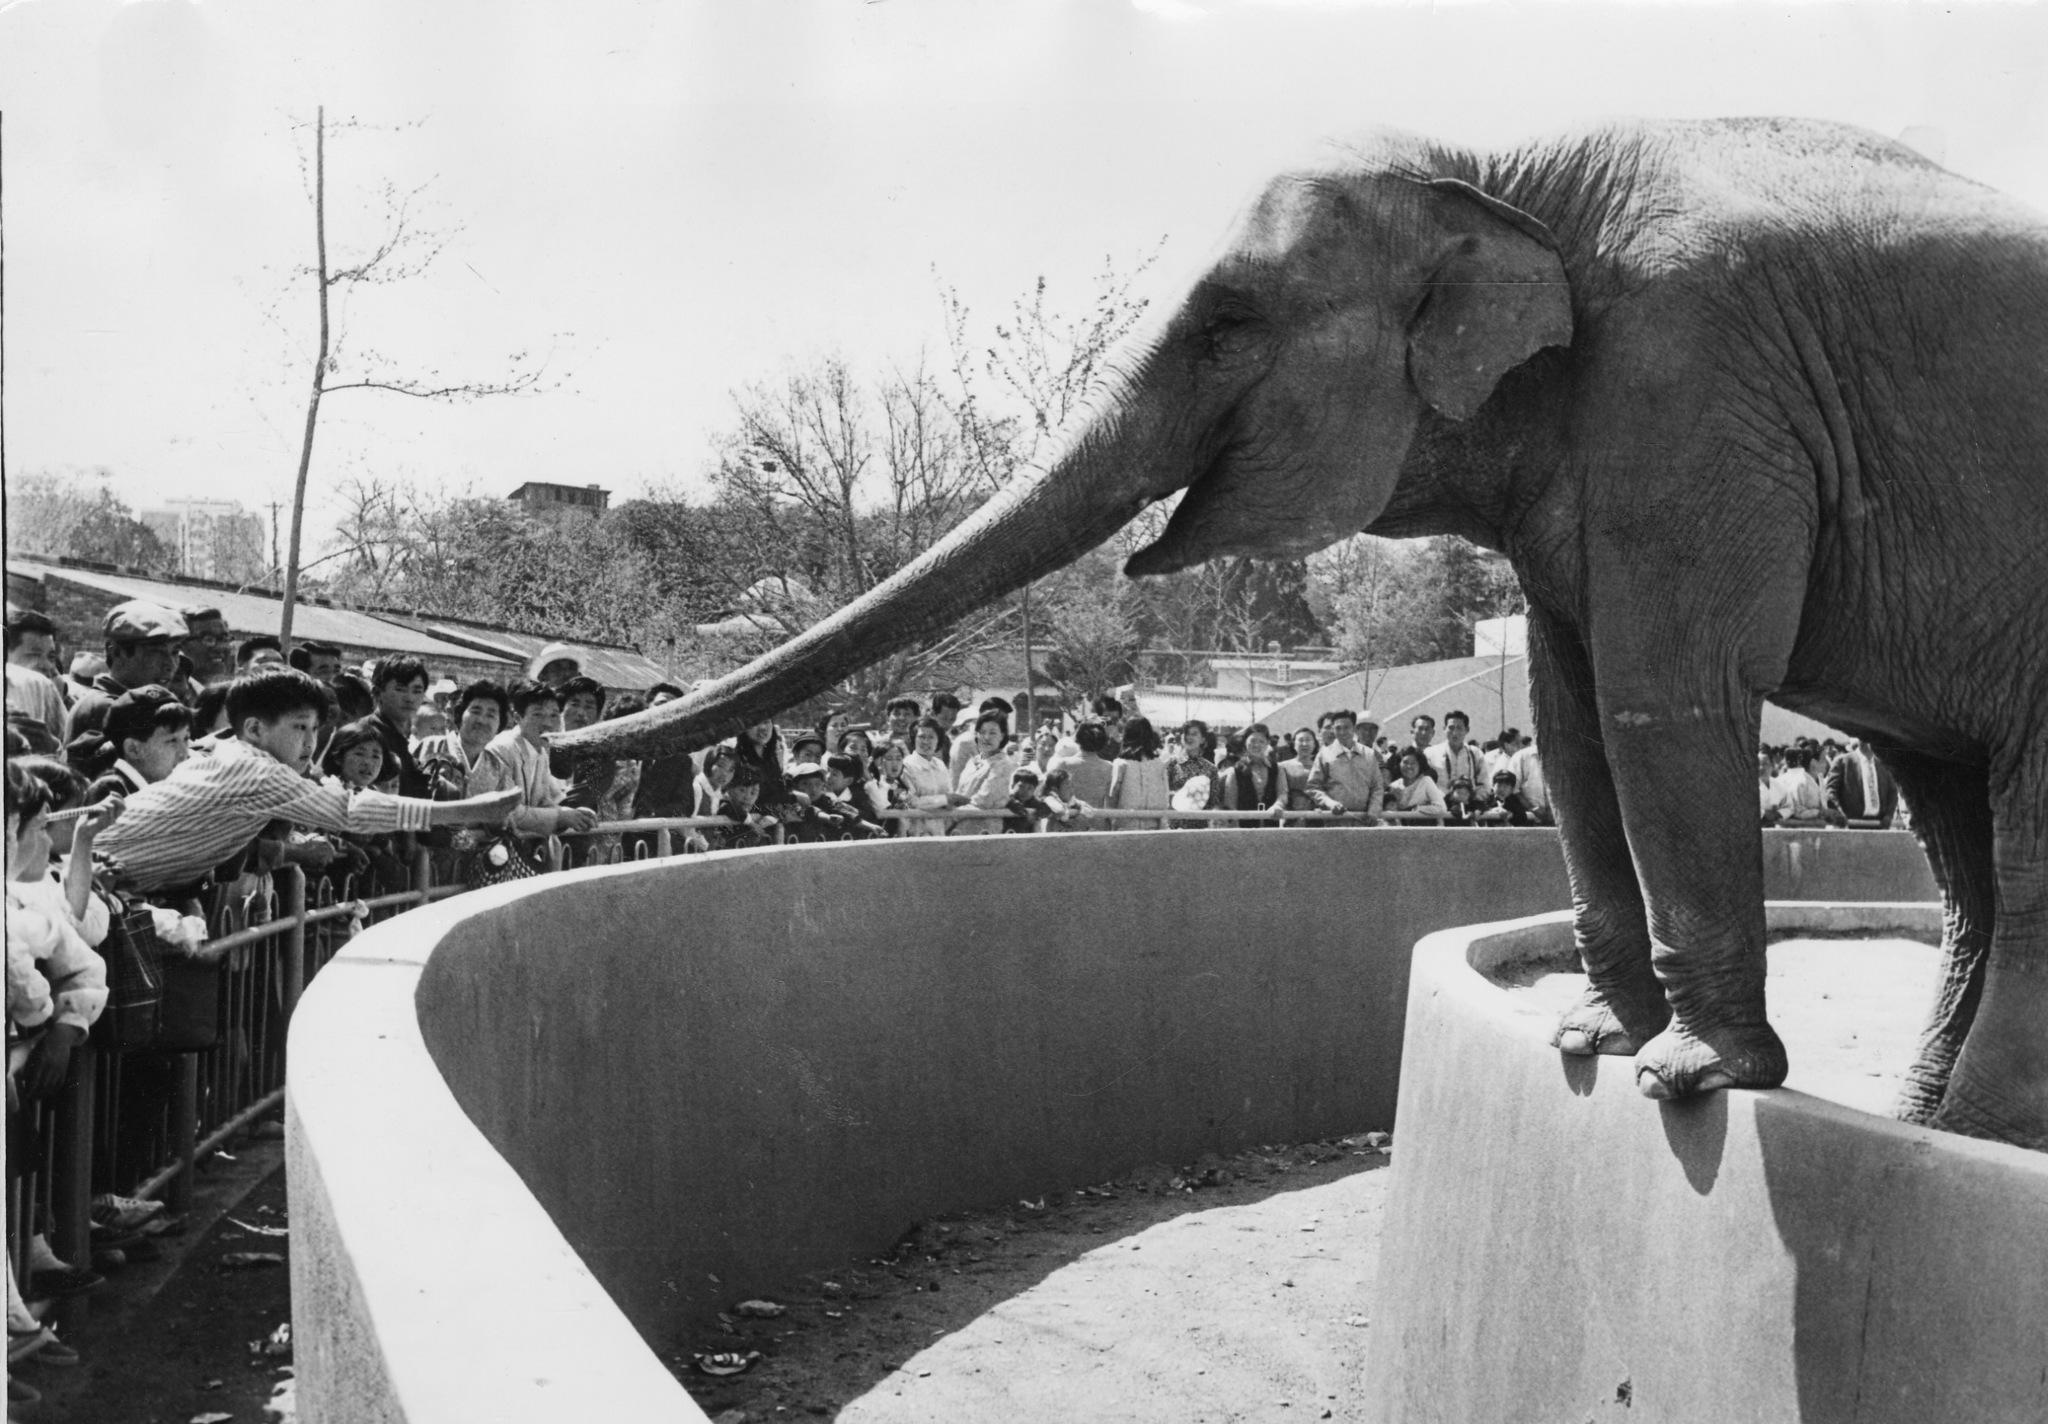 어린이날 창경원 동물원에서 코끼리에게 먹이를 주고 있는 어린이의 모습이다. [중앙토포]